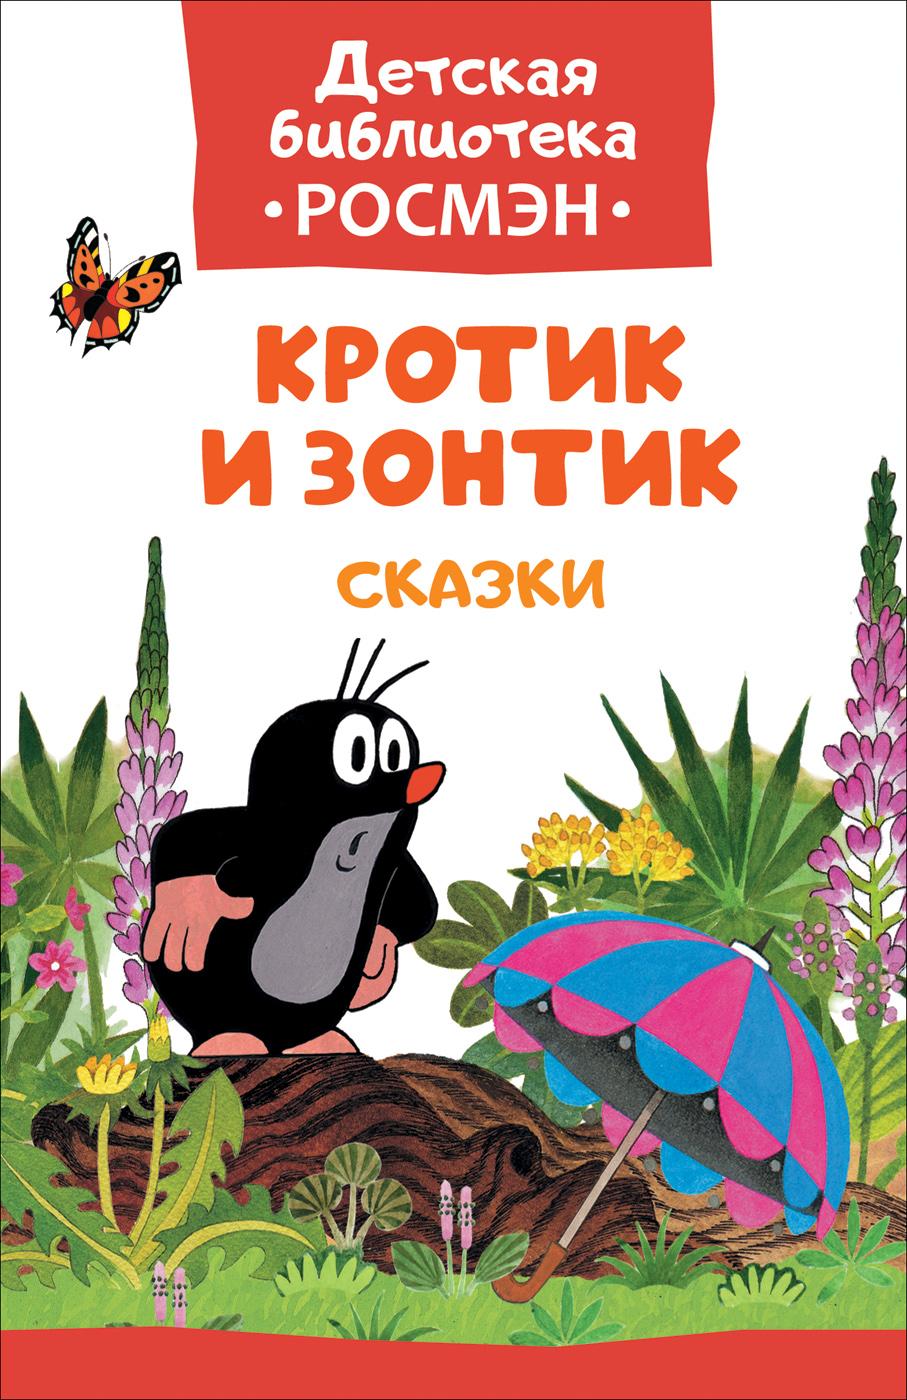 Кротик и зонтик художественные книги росмэн книга кротик любимые истории